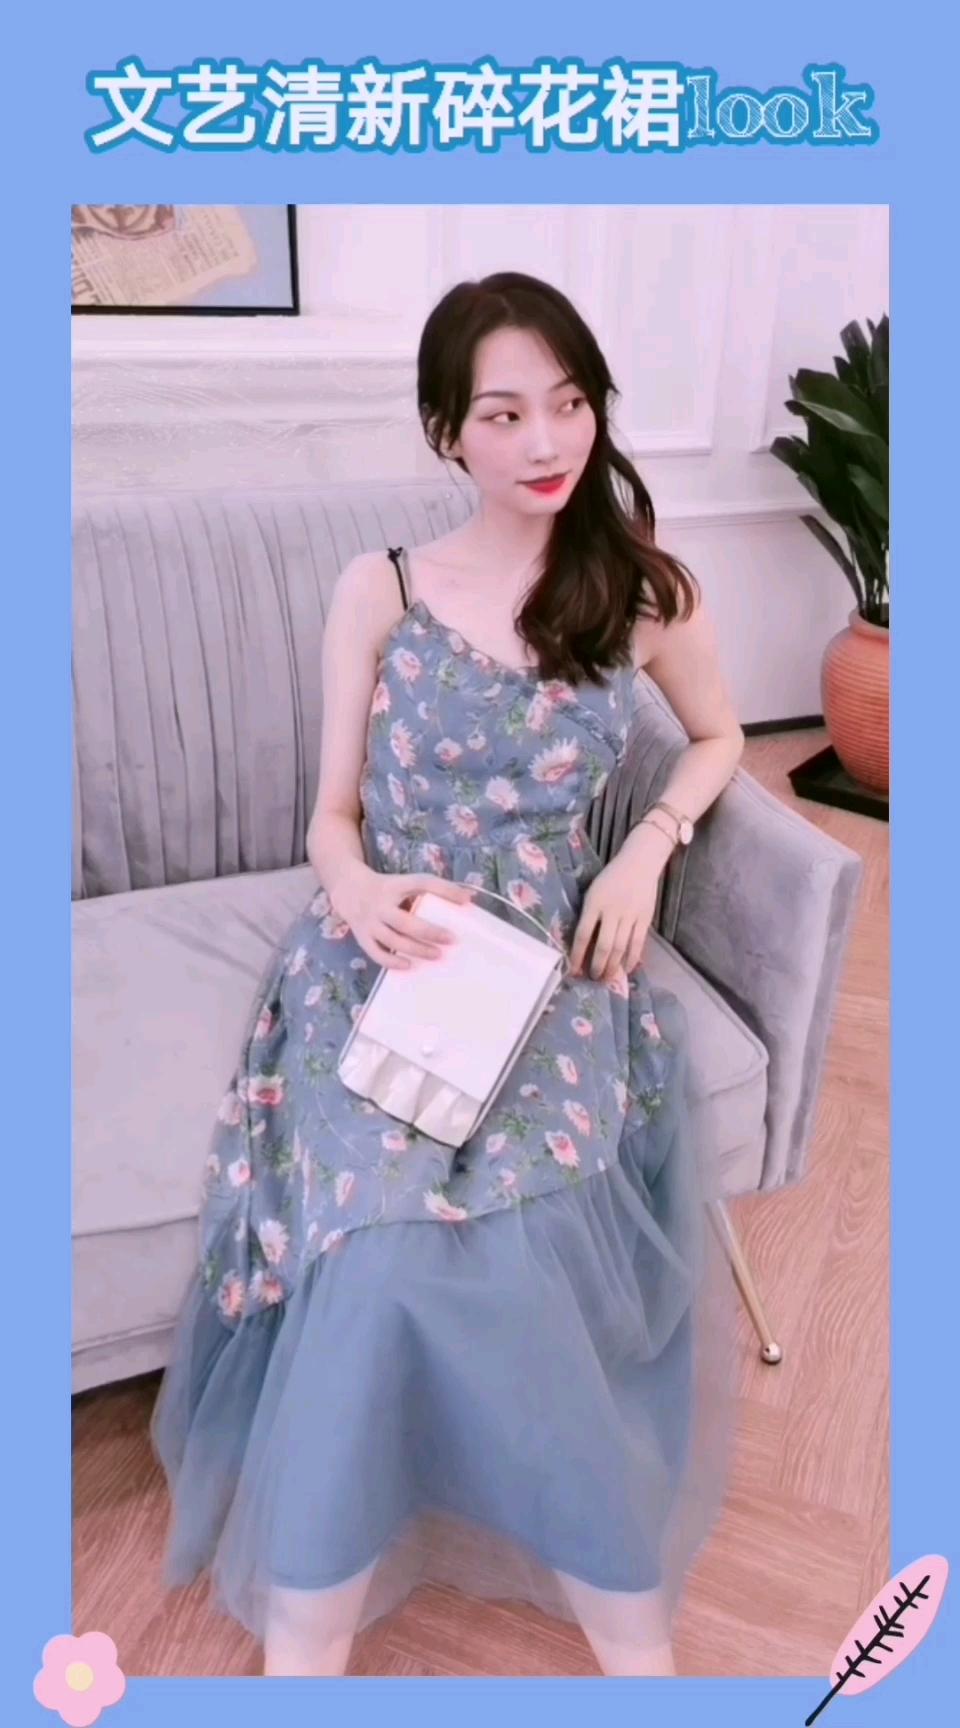 #显瘦公式:v领收腰大长裙# 一条很清新优雅的吊带连衣裙 布料是雪纺的 网纱拼接设计 碎花让整体很淑女 约会穿它就对了!